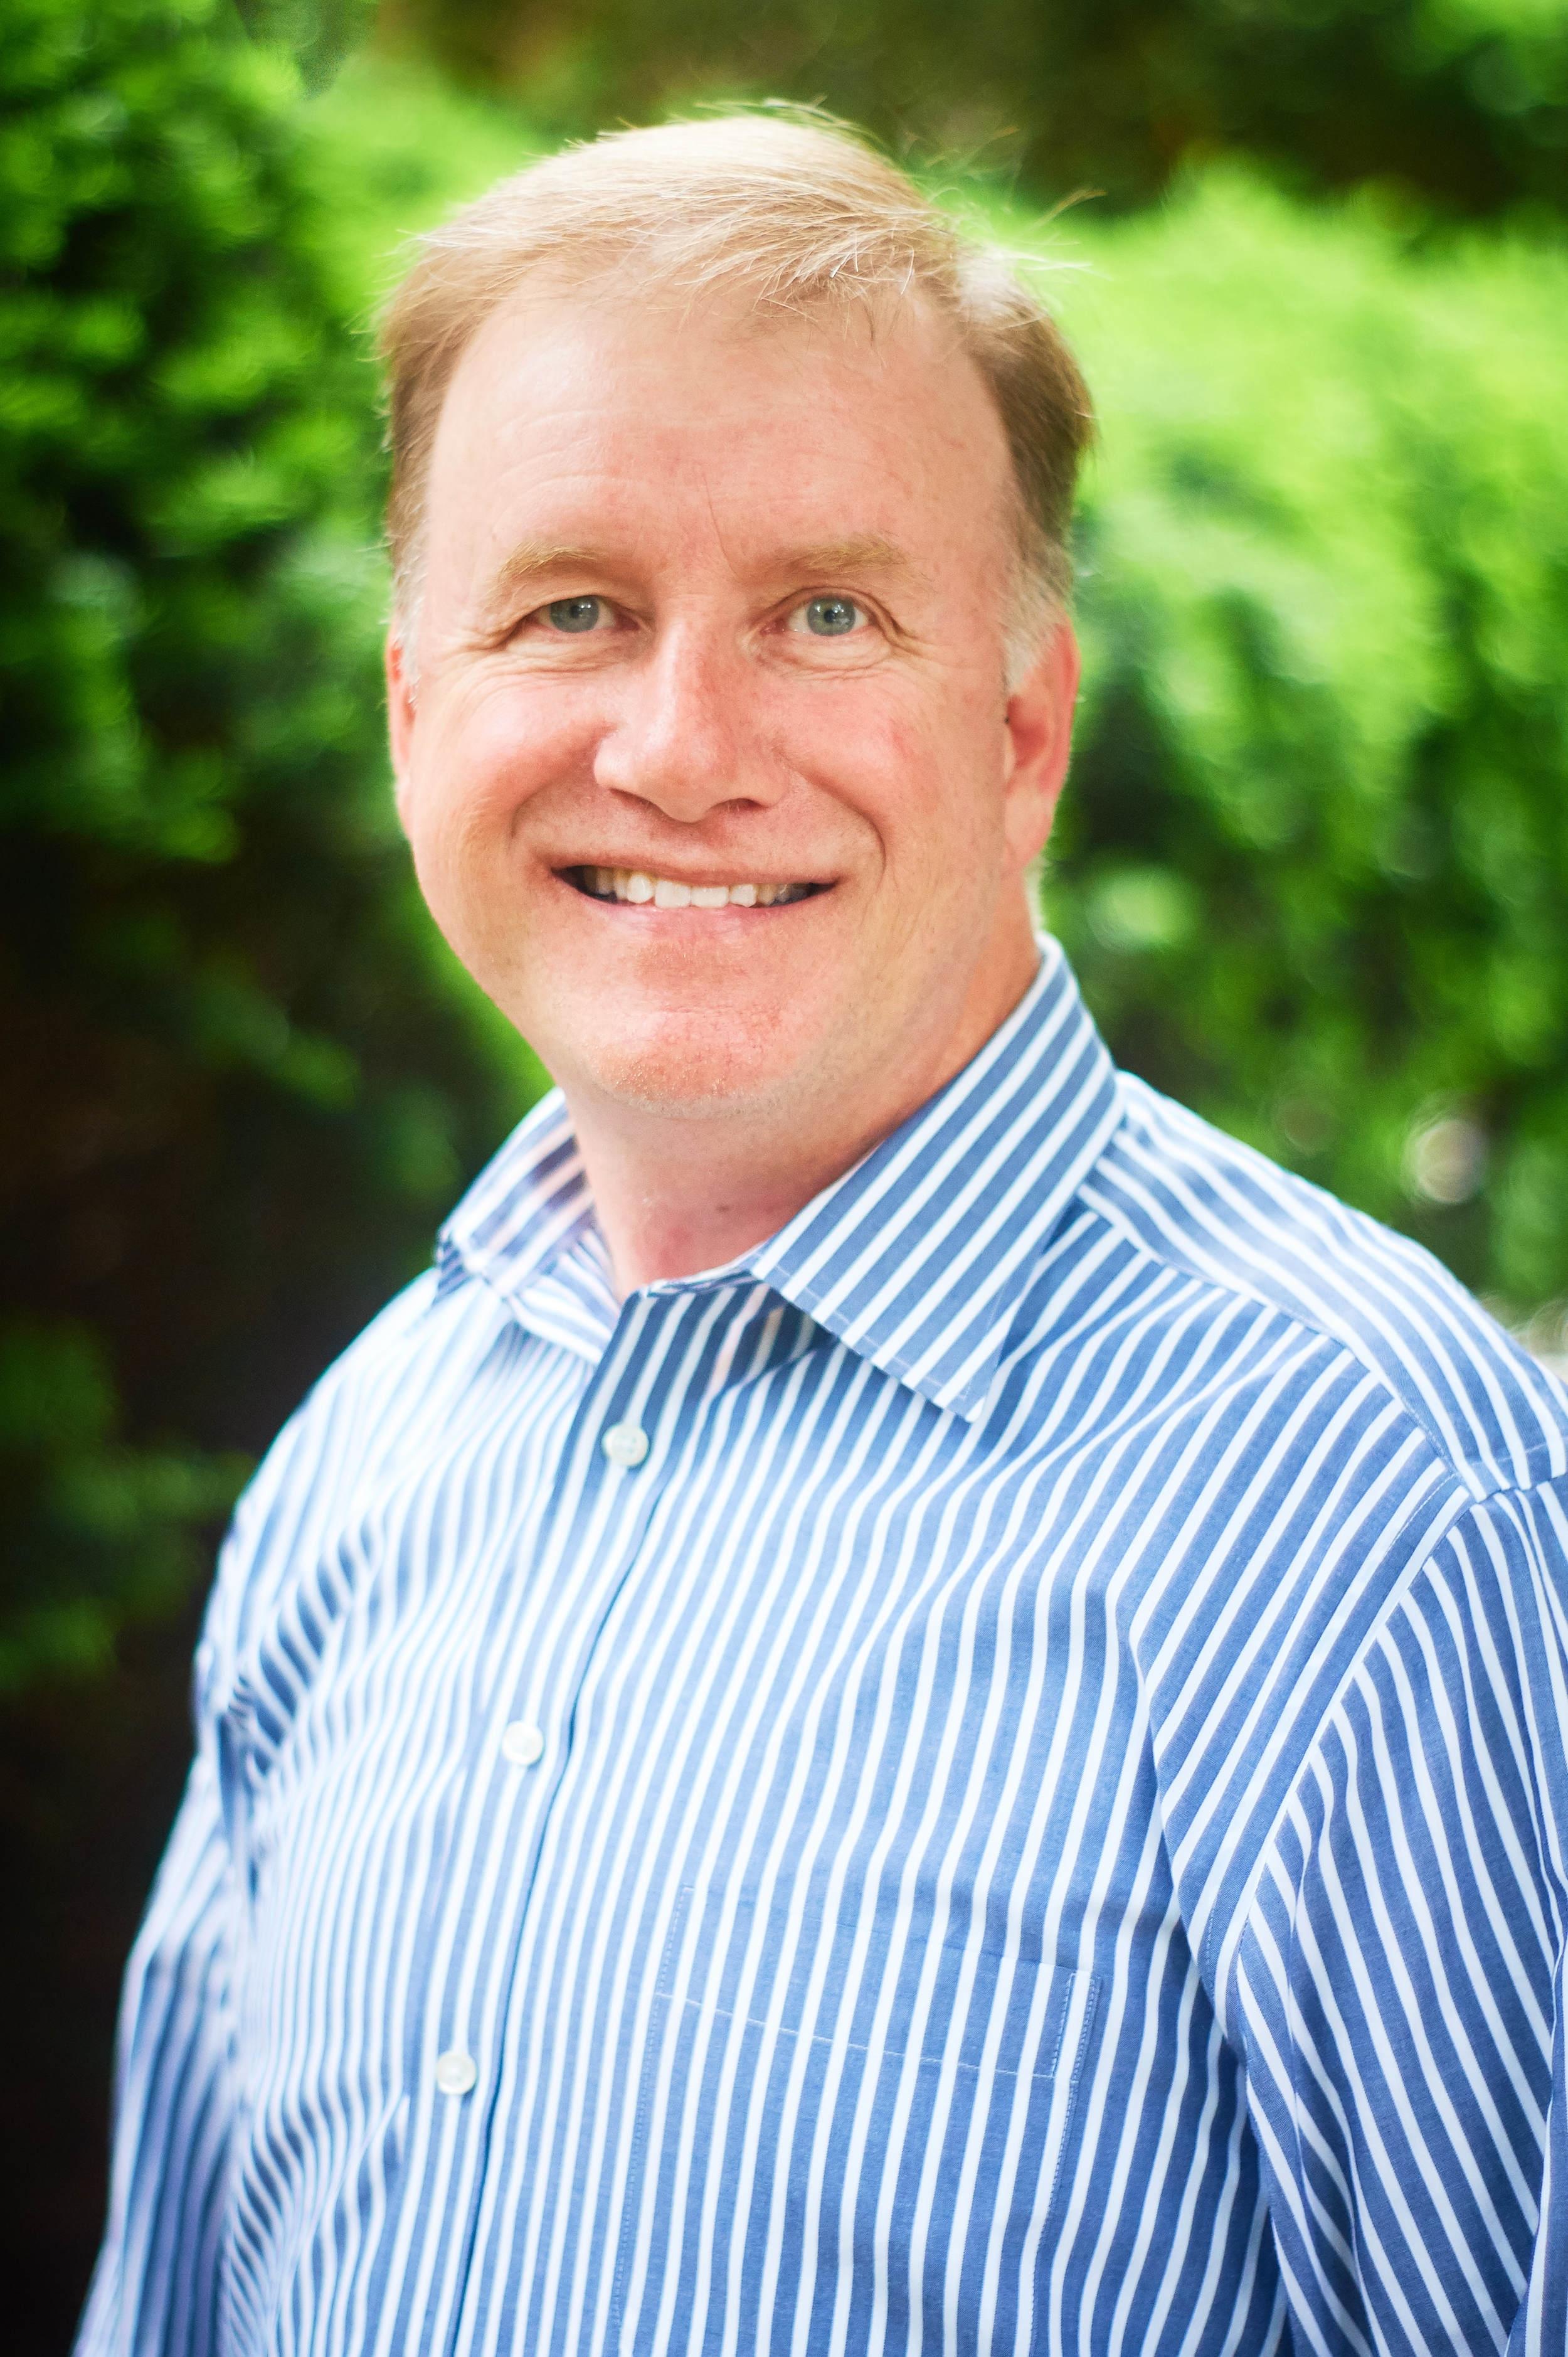 Jim Endsley